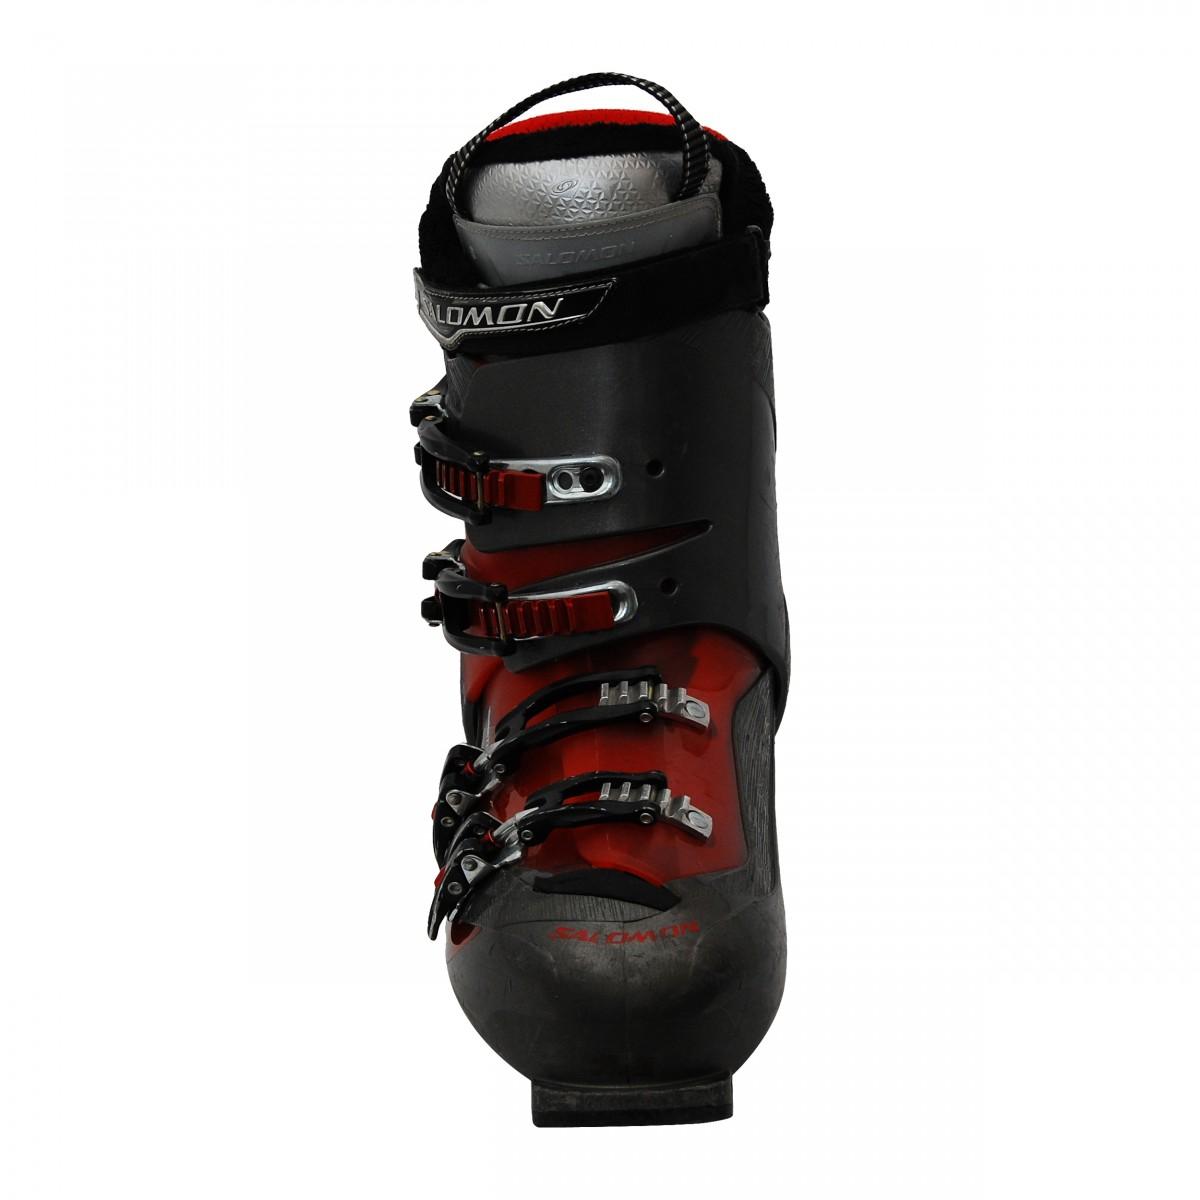 Chaussure de ski occasion Salomon mission 770 grisrouge